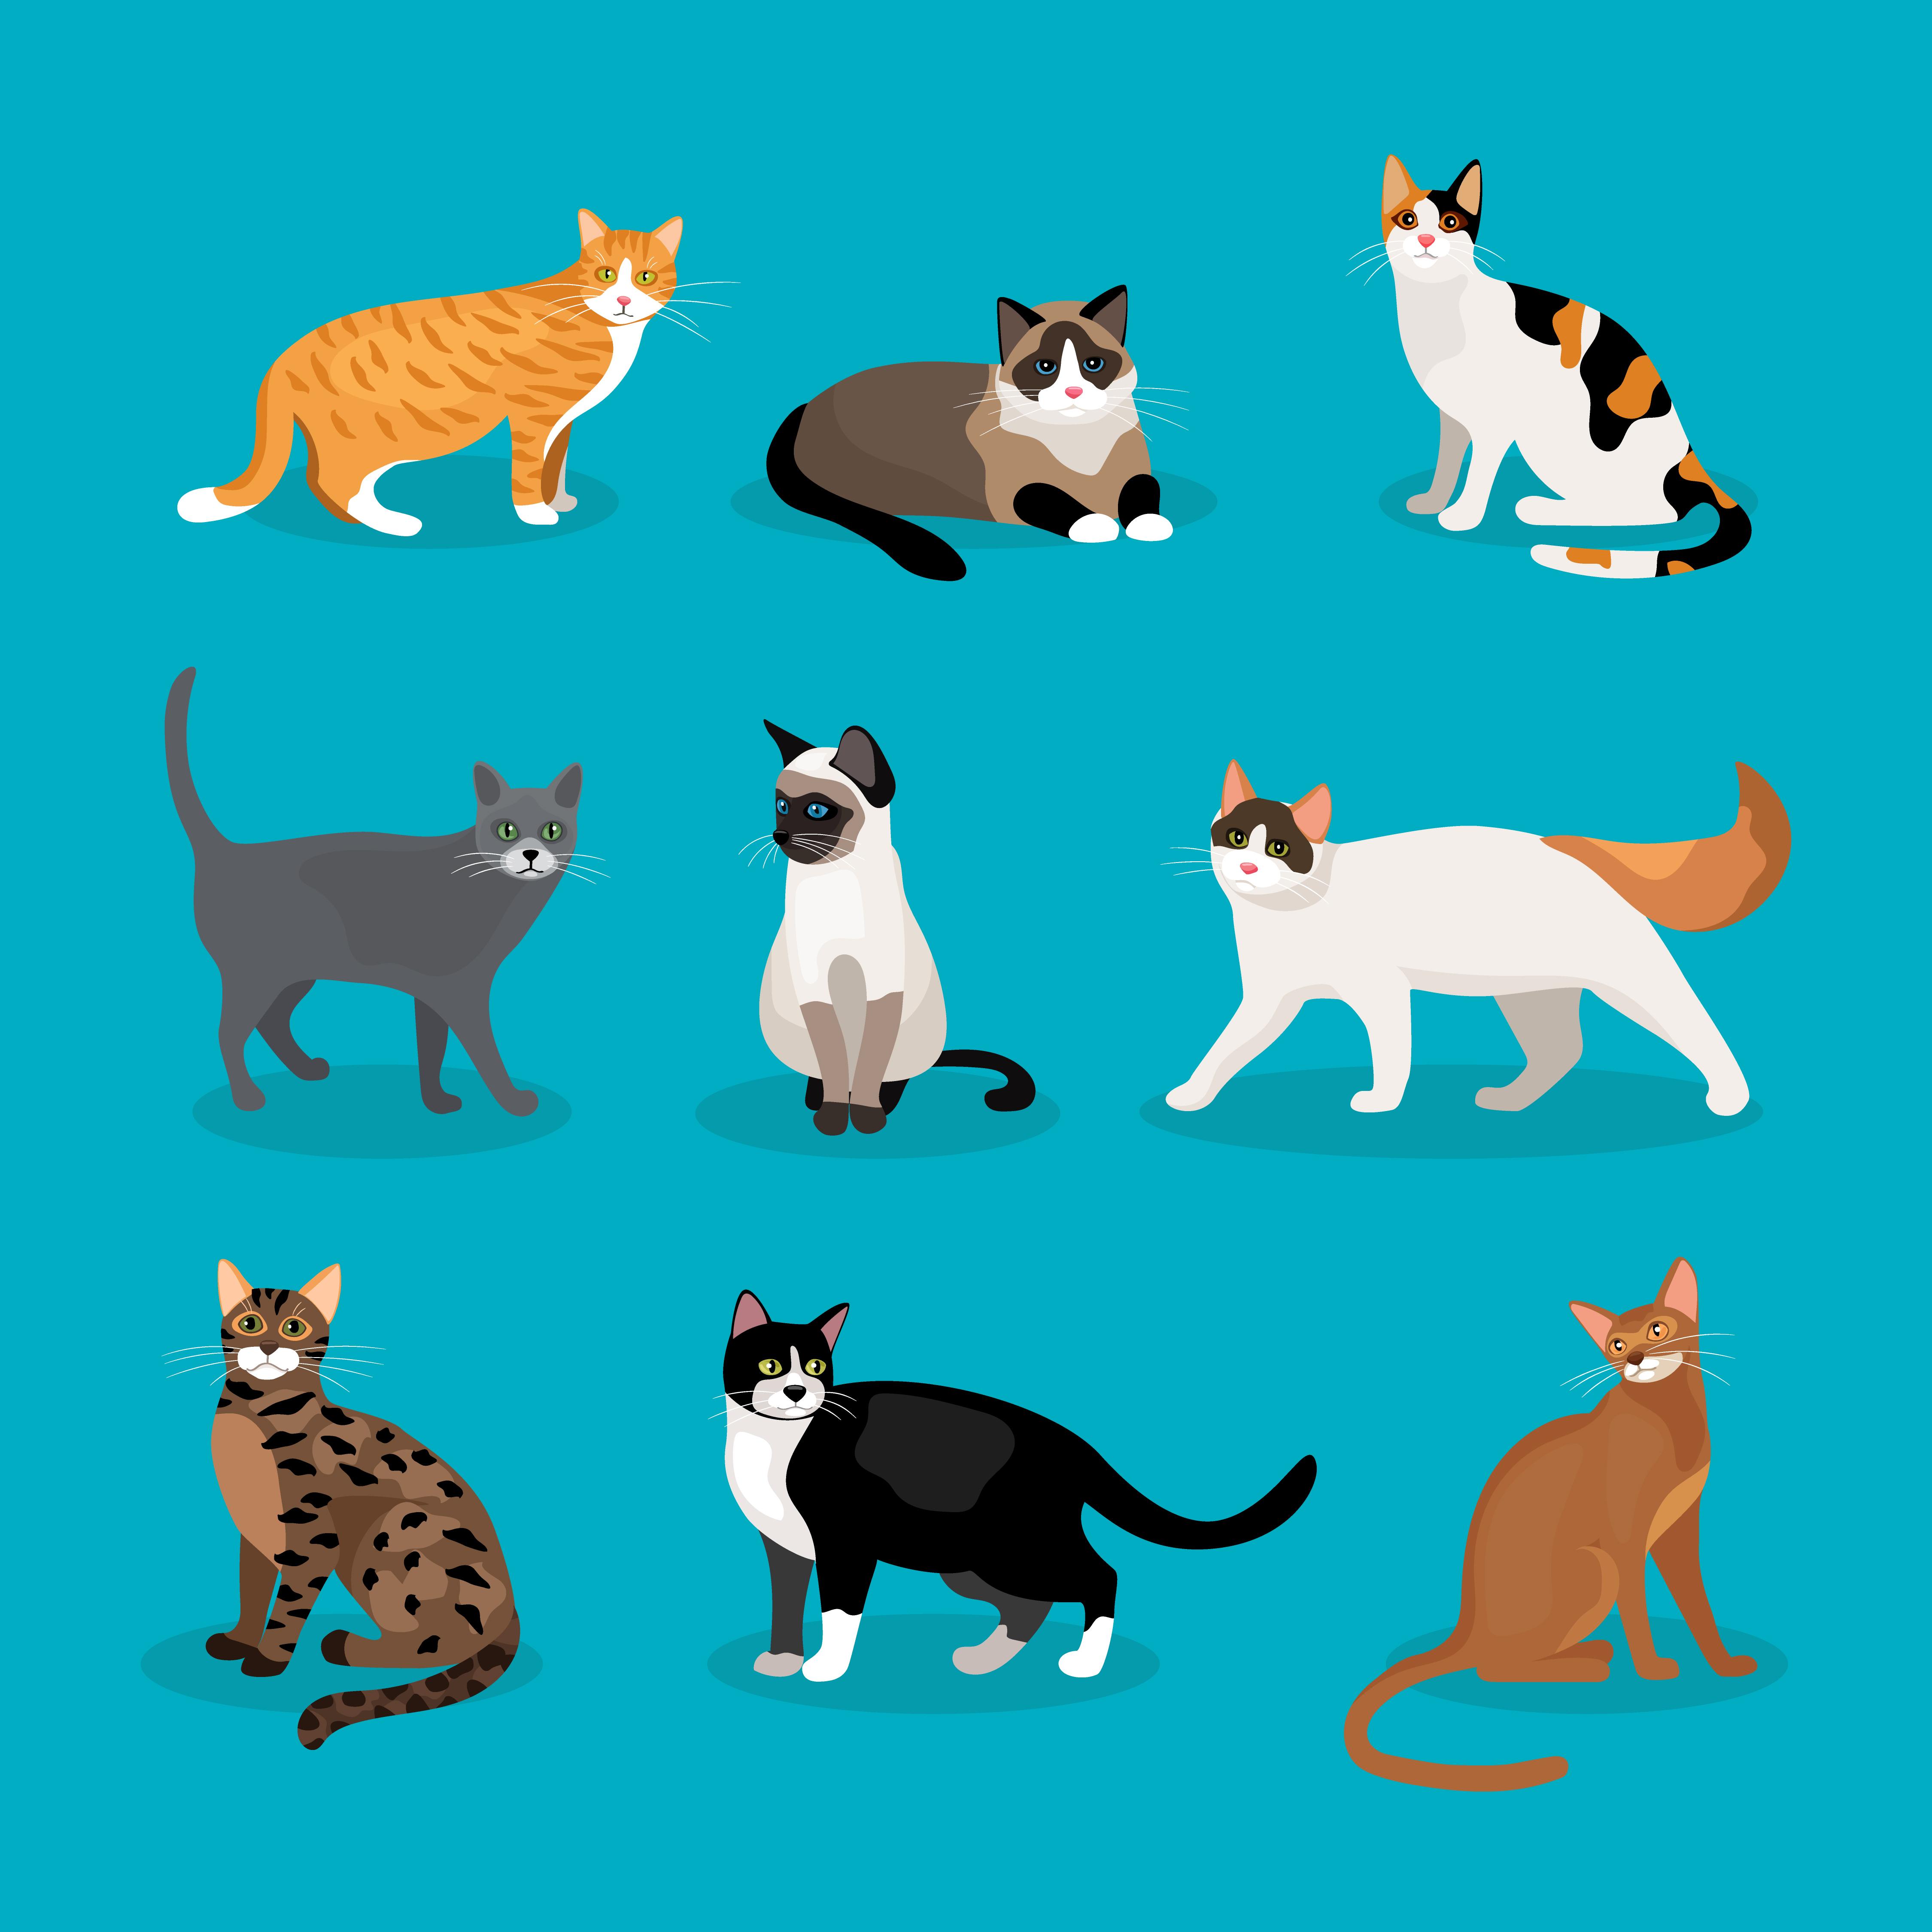 可愛い猫のイラストを描くコツは? 5ステップで見る描き方